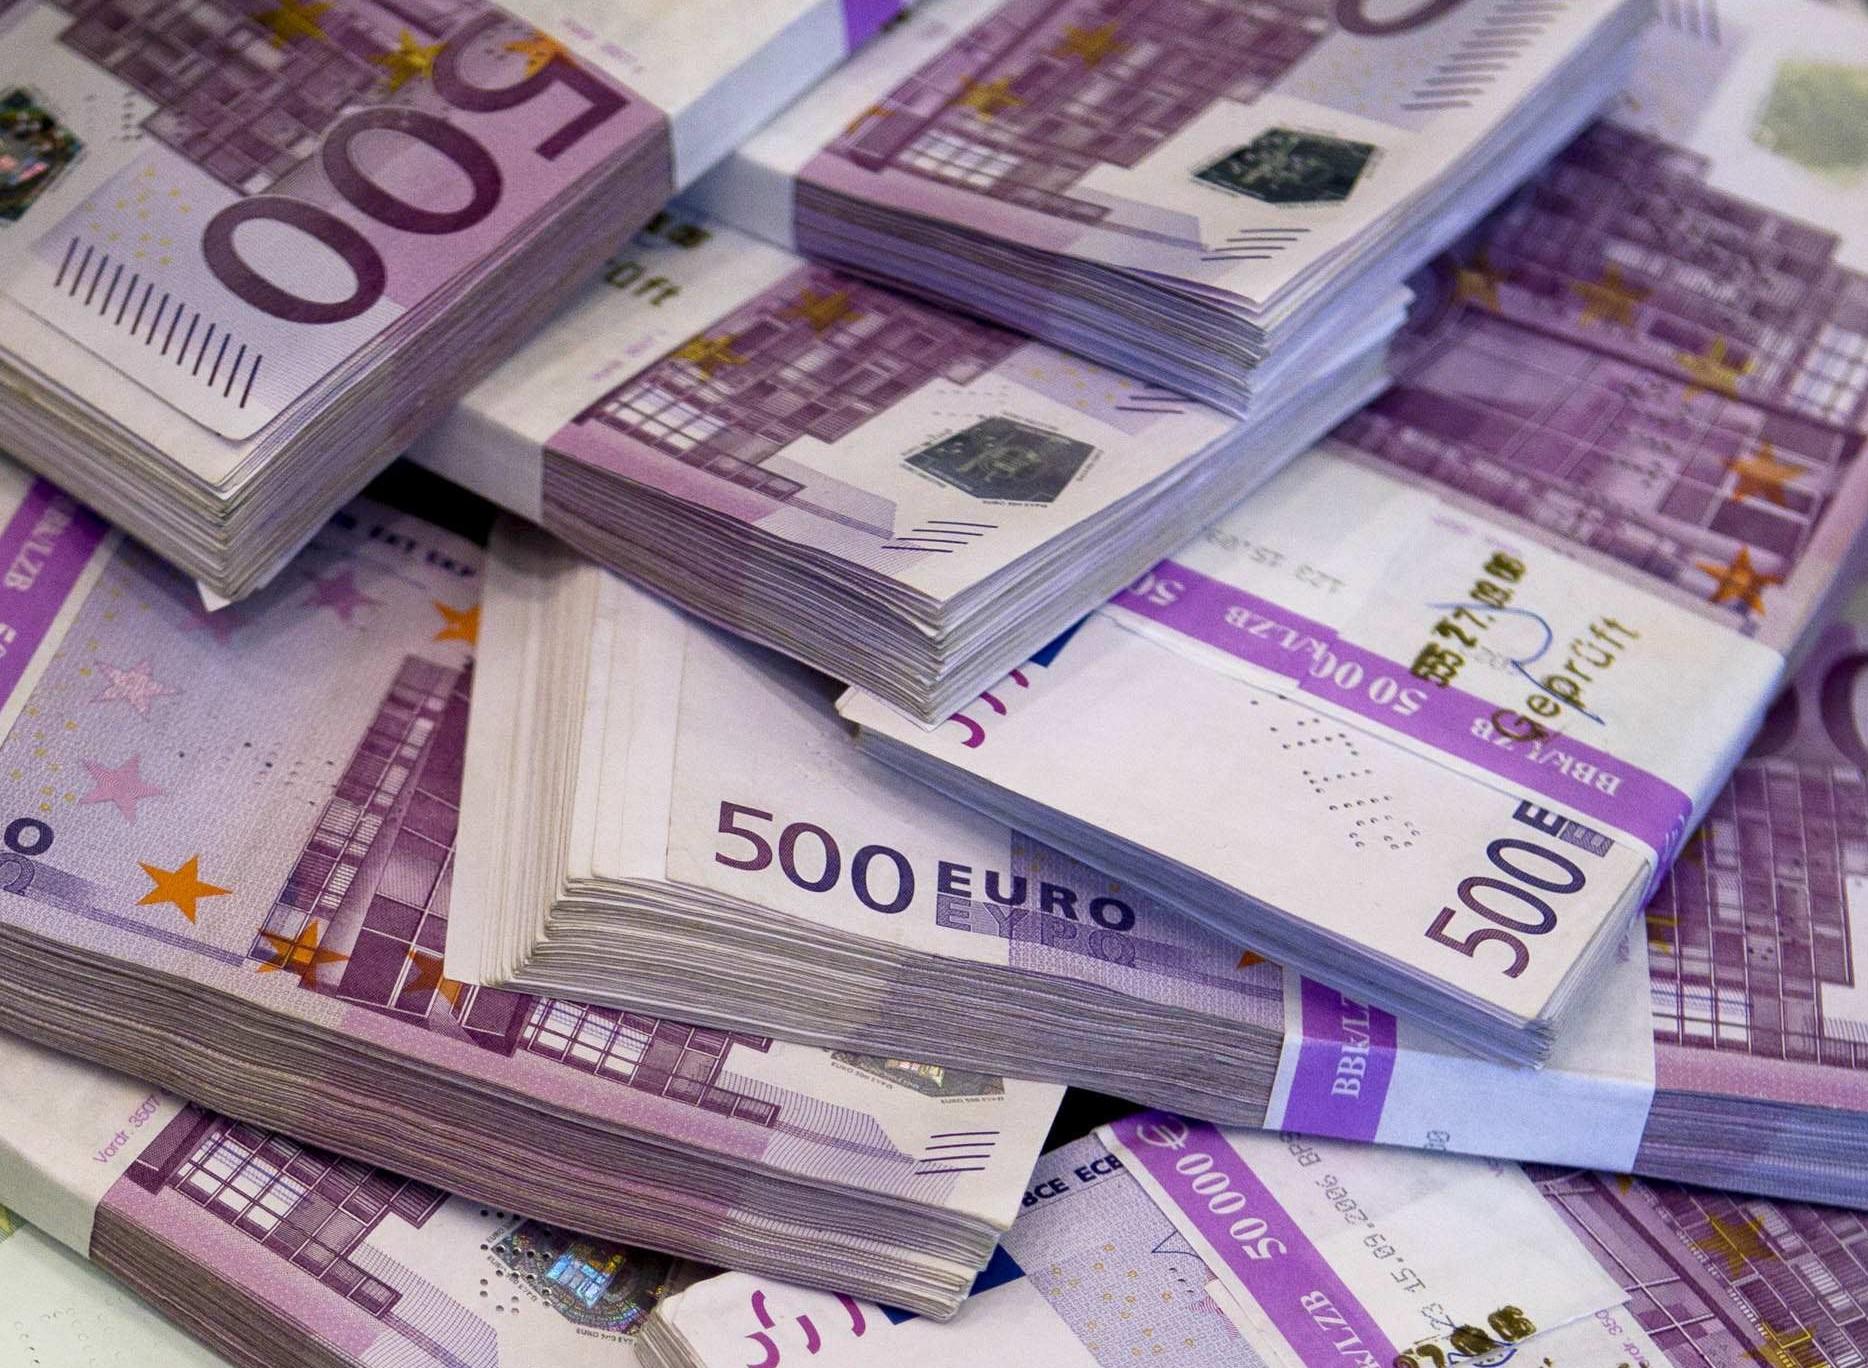 Finanțări de până la 1 MILION de EURO pentru firmele din vestul țării